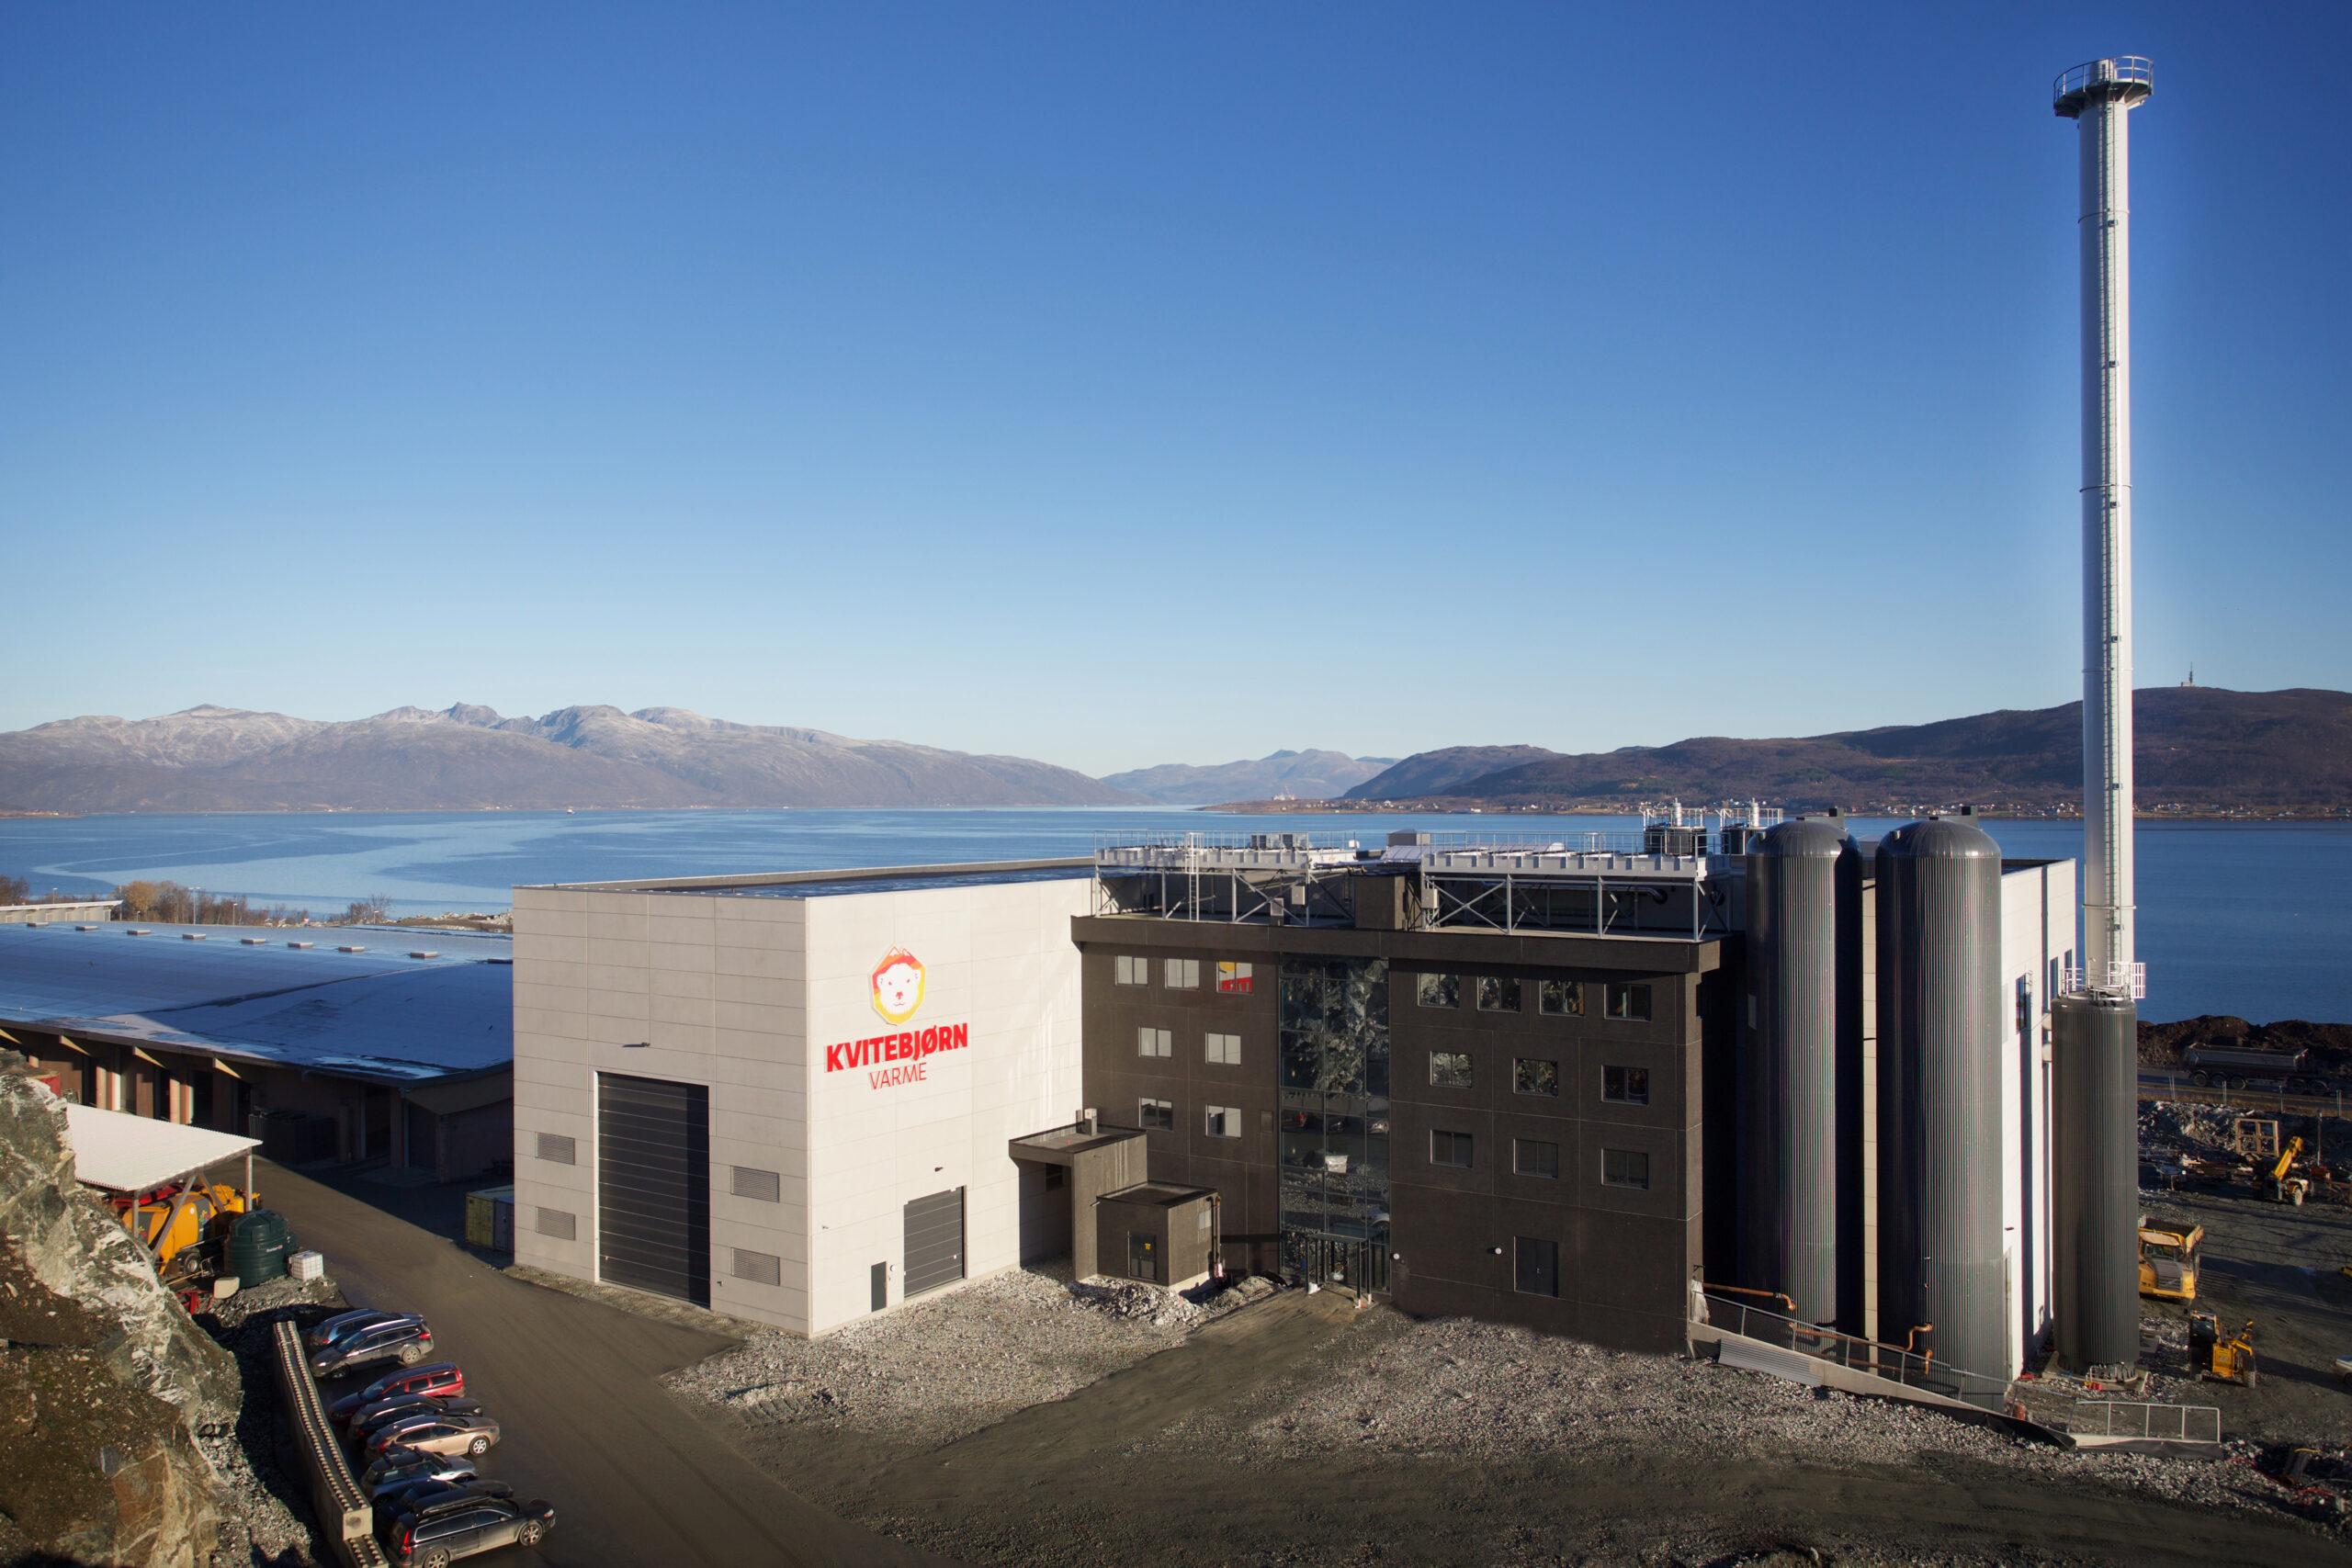 Bygget hos Kvitebjørn i Tromsø